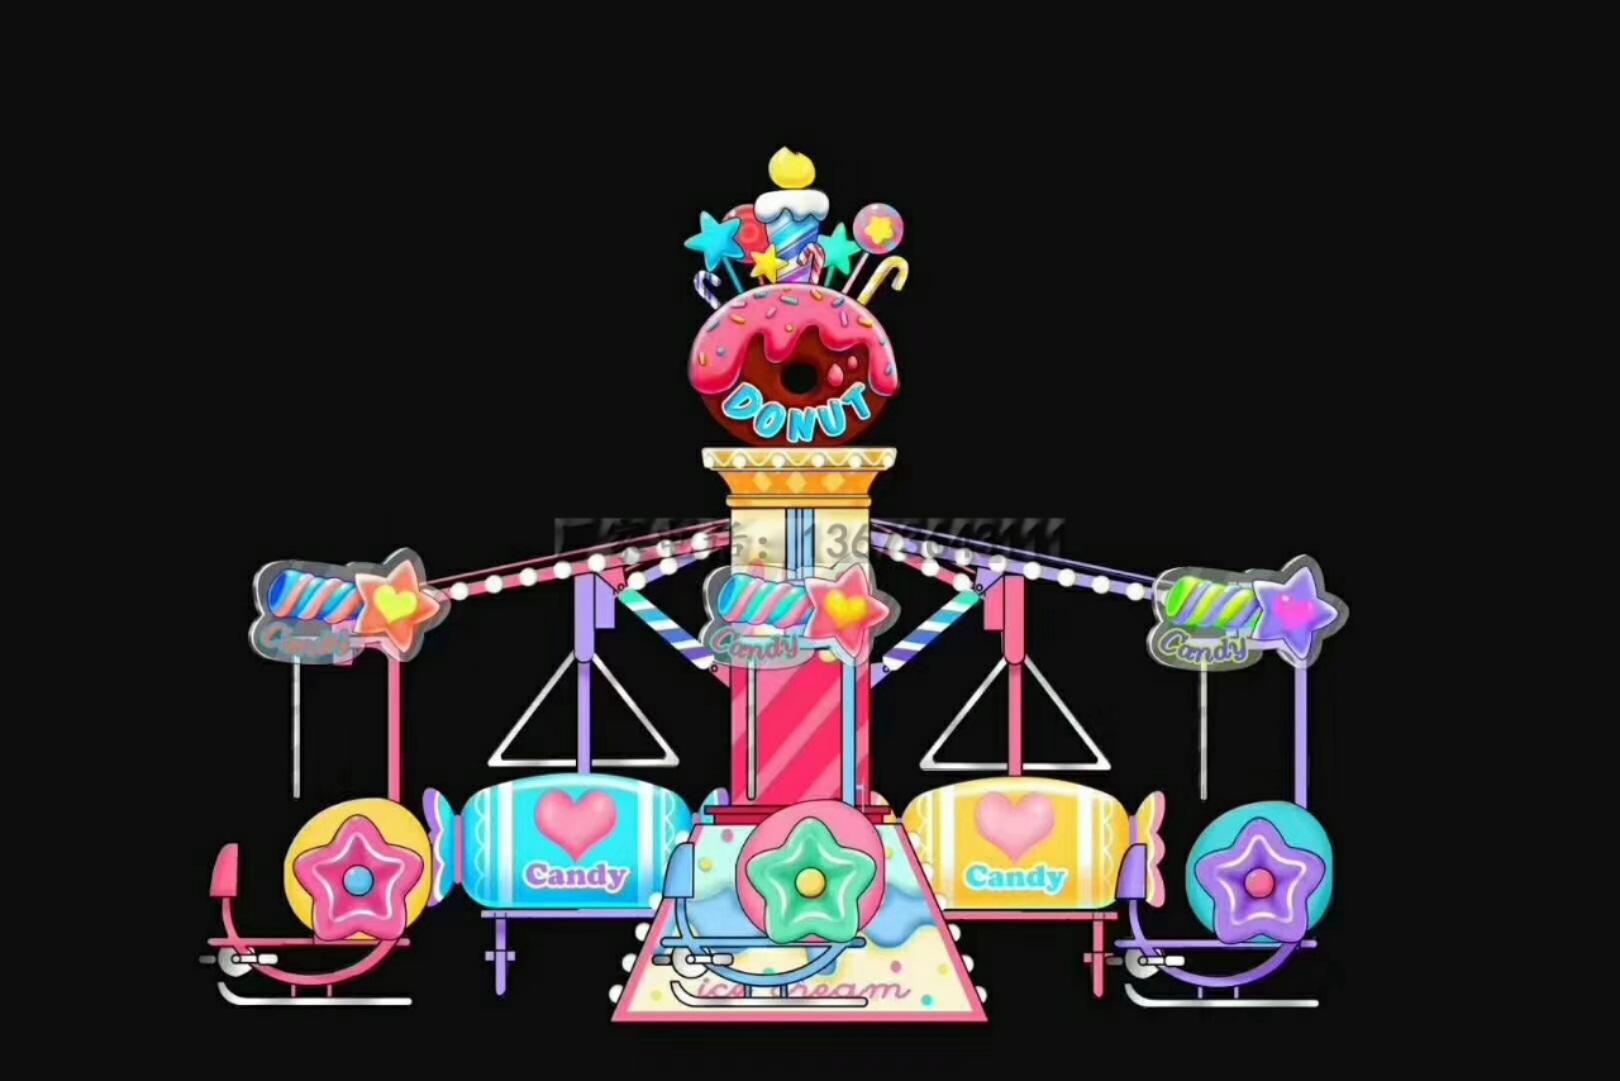 儿童游乐设备桑巴气球 厂家直销 郑州大洋8臂桑巴气球公园游乐示例图21